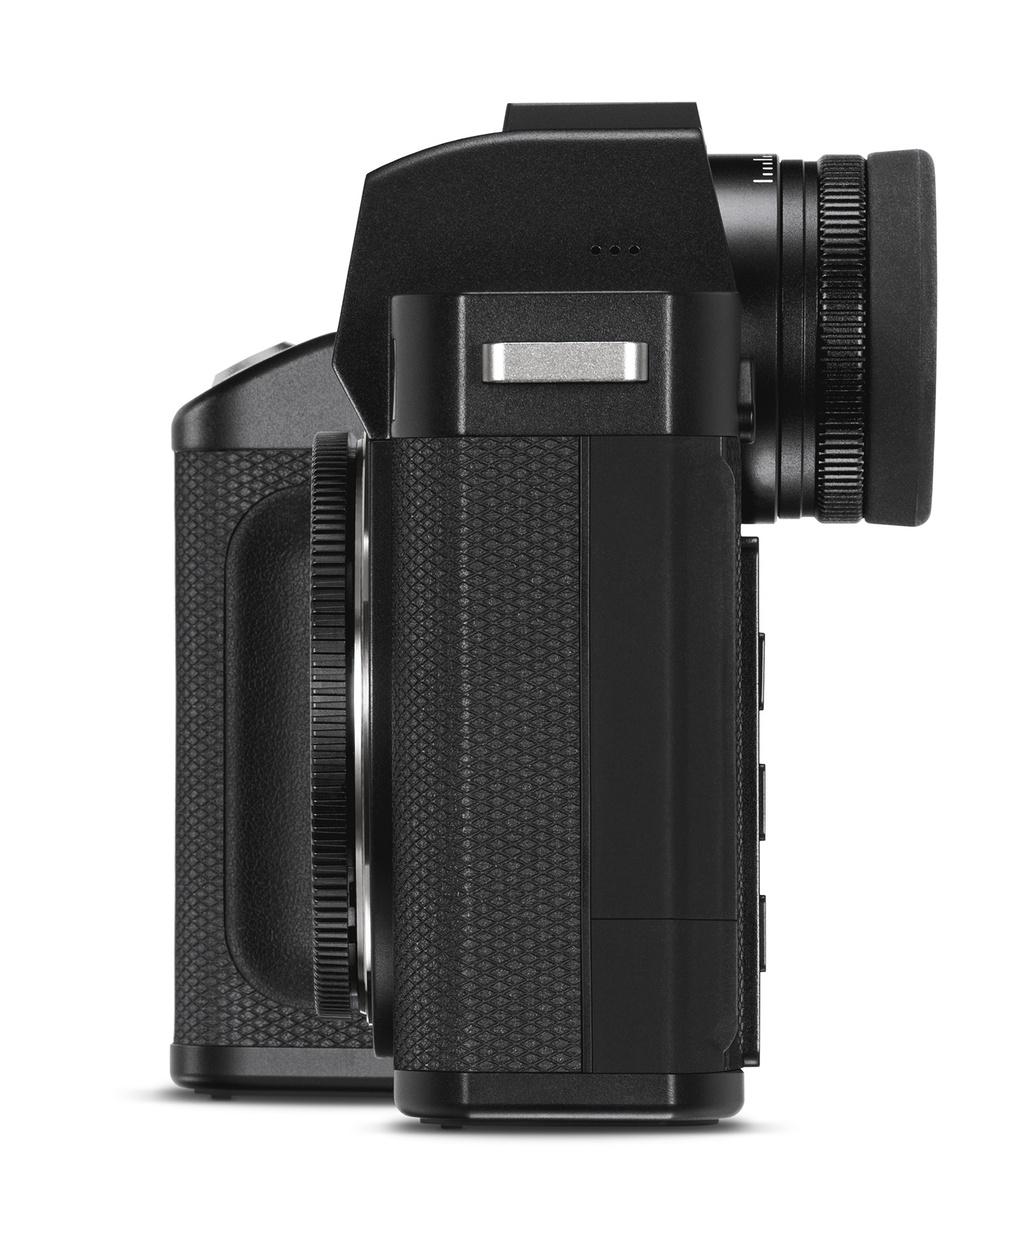 160 trieu dong cho may anh khong guong lat Leica SL2 hinh anh 6